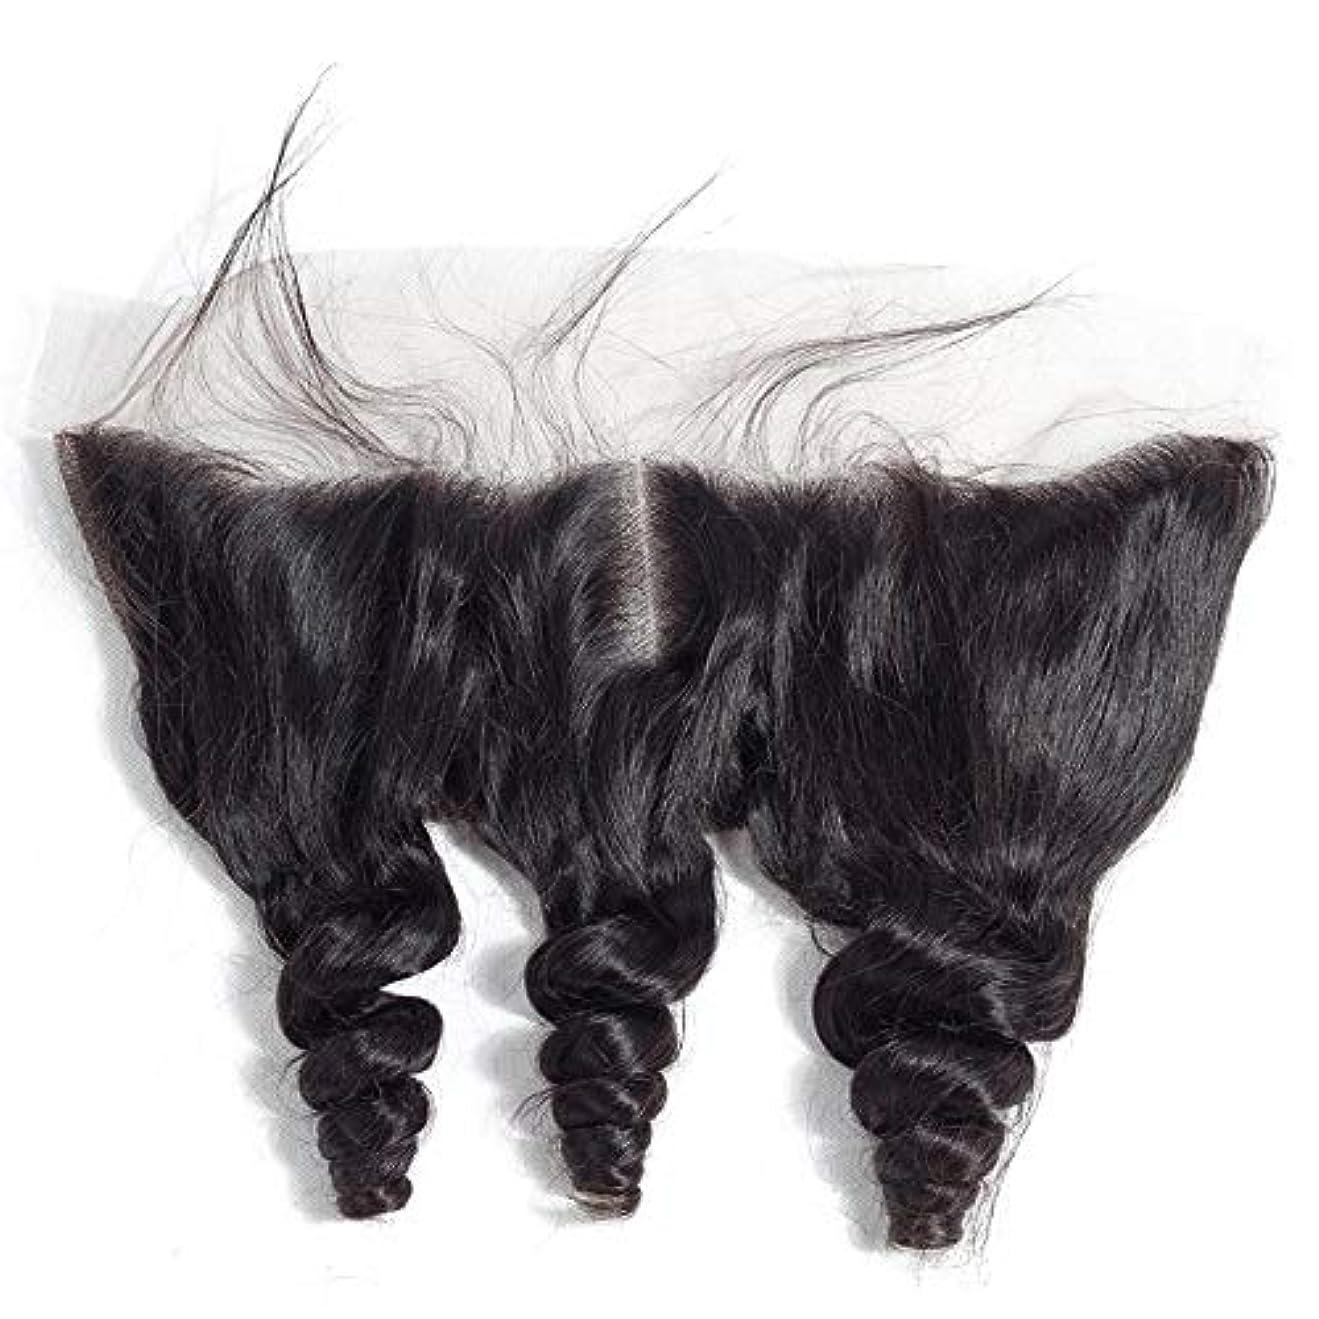 部分スリッパインクHOHYLLYA ブラジルルースウェーブヘアー13 * 4レース前頭閉鎖中央部人毛エクステンションファッションかつら (色 : 黒, サイズ : 12 inch)